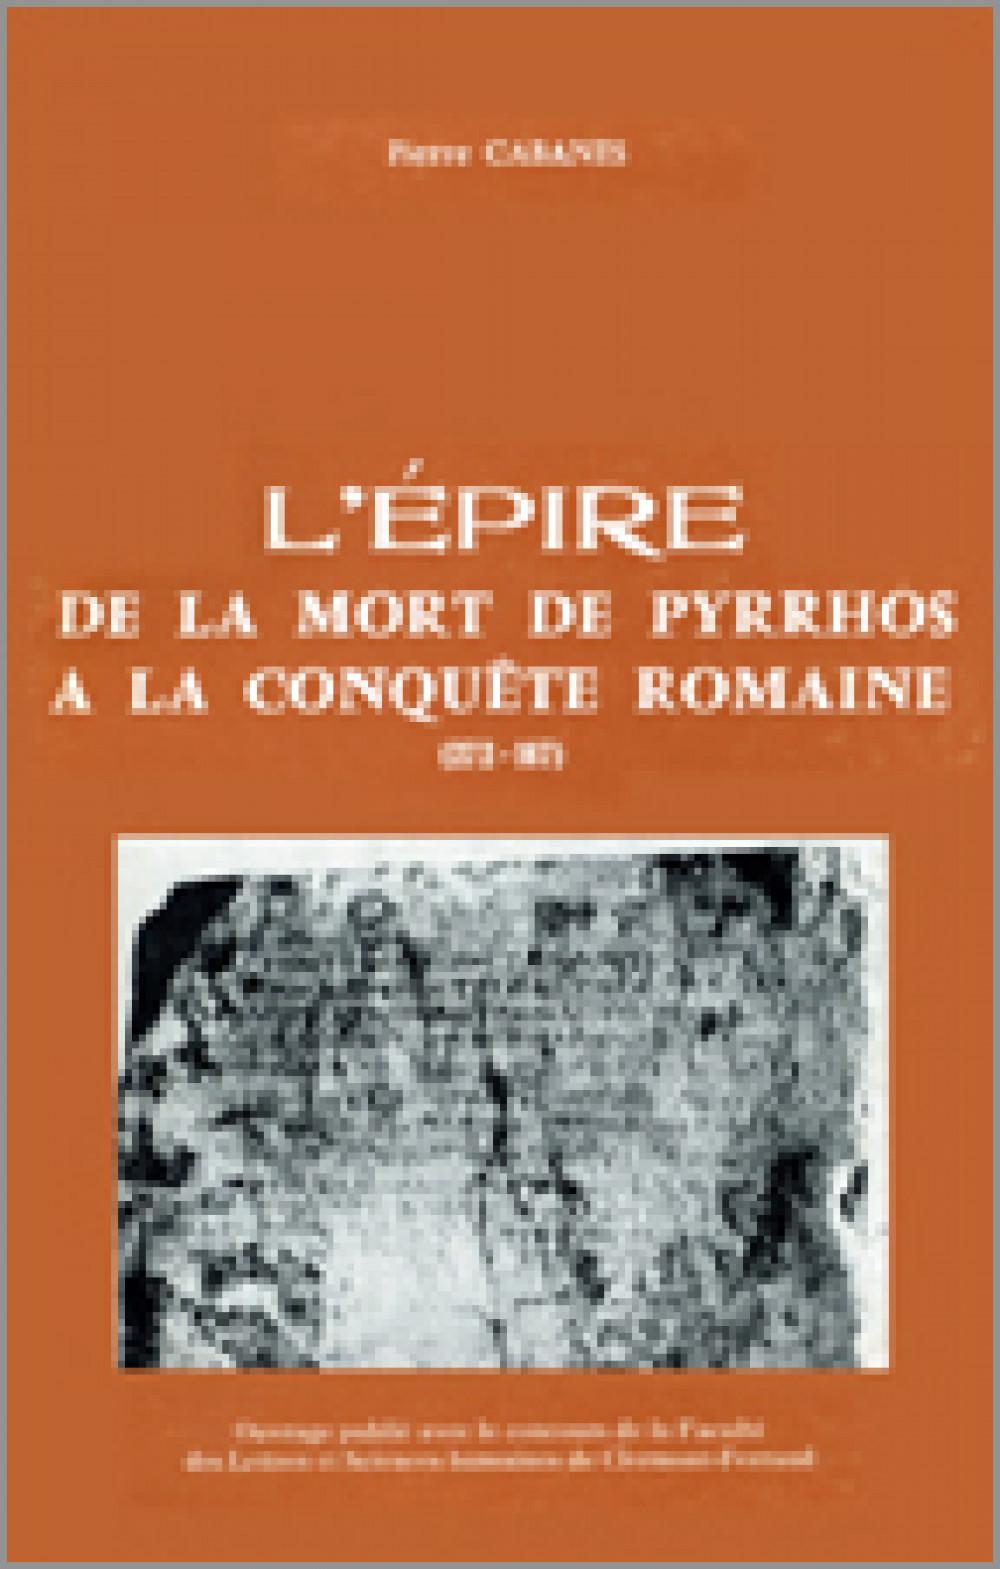 L'Epire, de la mort de Phyrros à la conquête romaine (272-167 av. J.-C.)